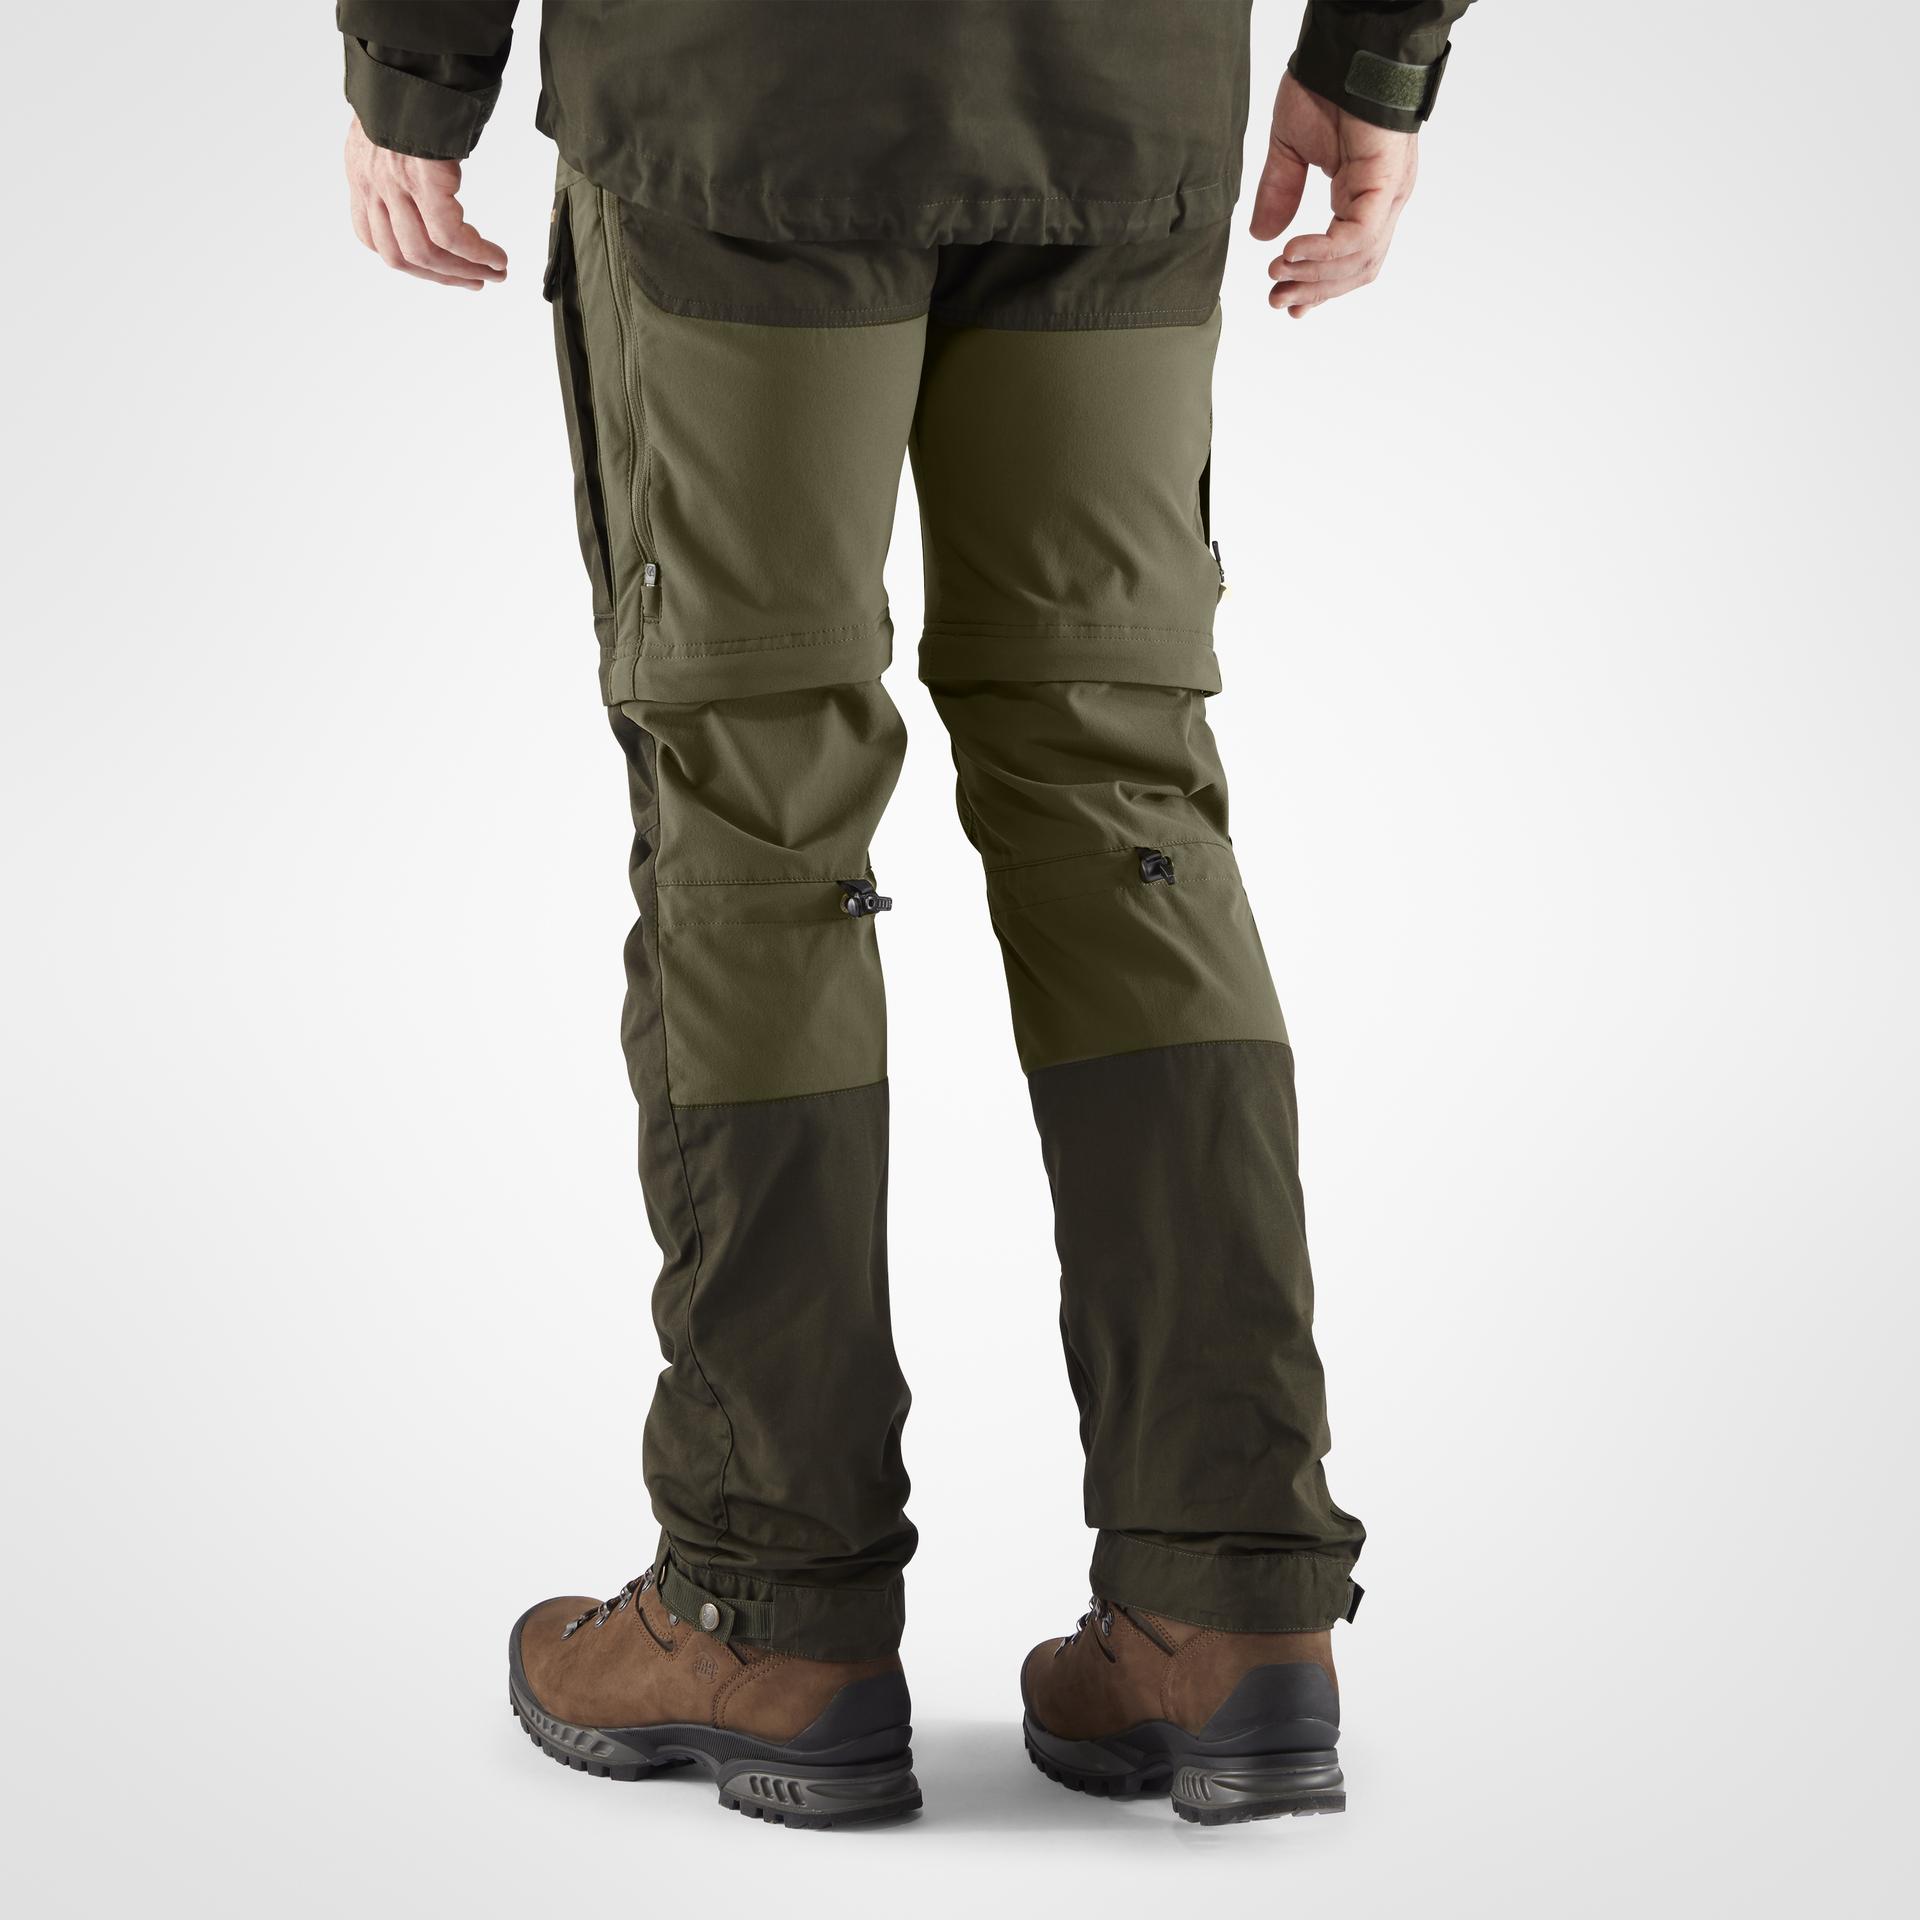 6 เสื้อผ้าเดินป่าสำหรับคุณผู้ชายคุณยอดเยี่ยม พร้อมลุยป่า ฝ่าดง ไปกับทุกการผจญภัยของคุณ !7